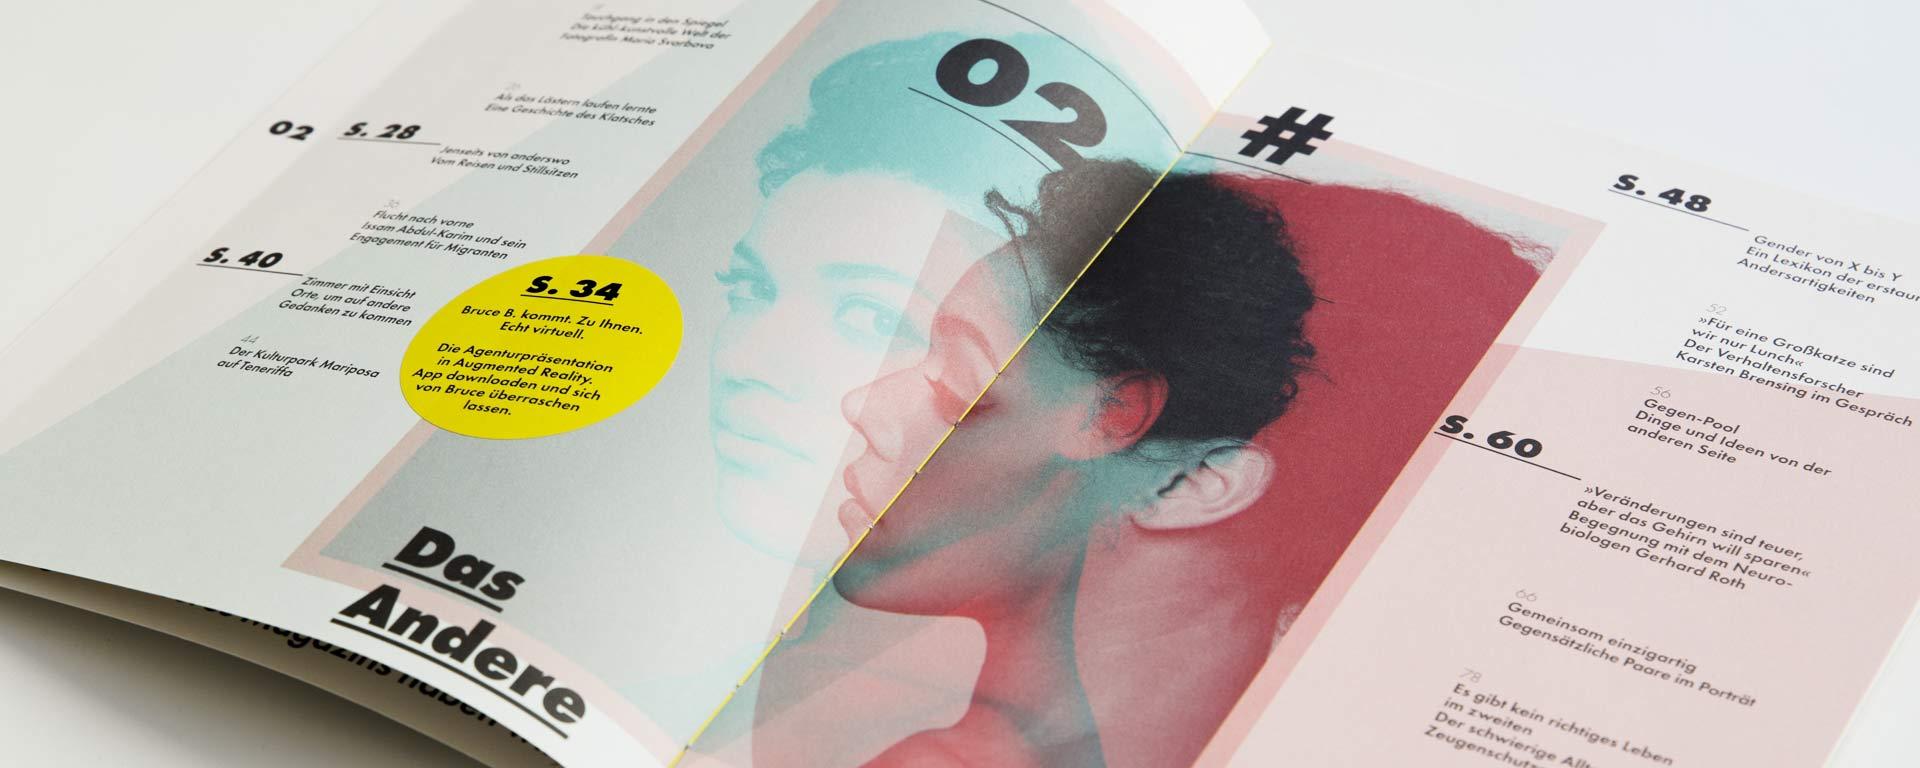 Aufgeklappte Doppelseite zeigt das Inhaltverzeichnis der zweiten Ausgabe von Bruce B. Das Magazin. In der Mitte ist das Portrait einer Frau in farbiger Doppelbelichtung zu sehen